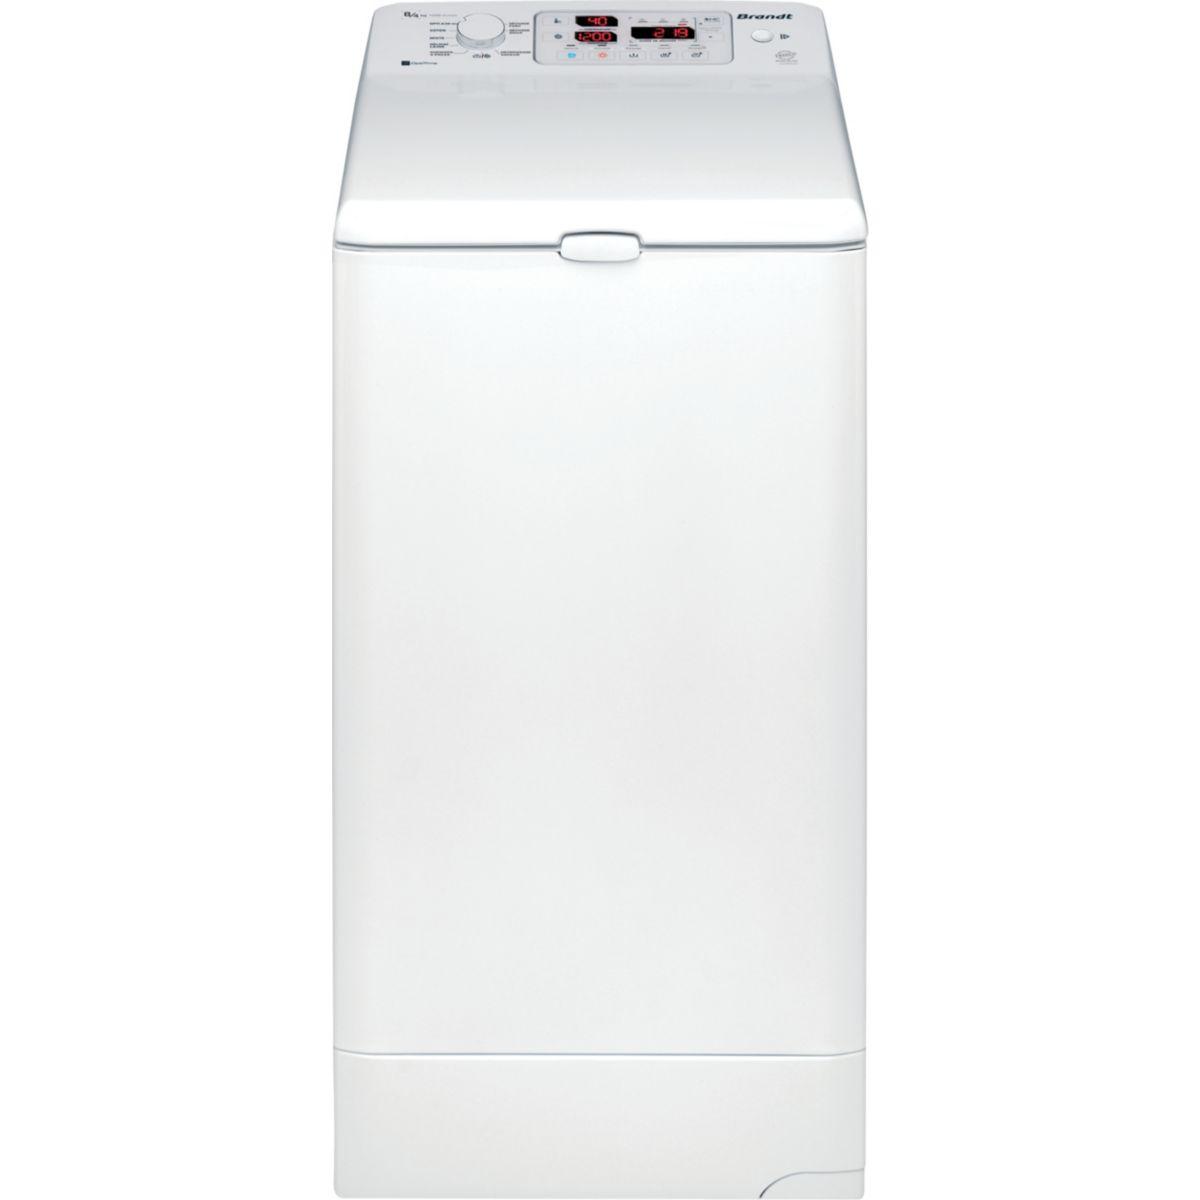 Lave linge s�chant top brandt wtd 8284 - livraison offerte : code premium